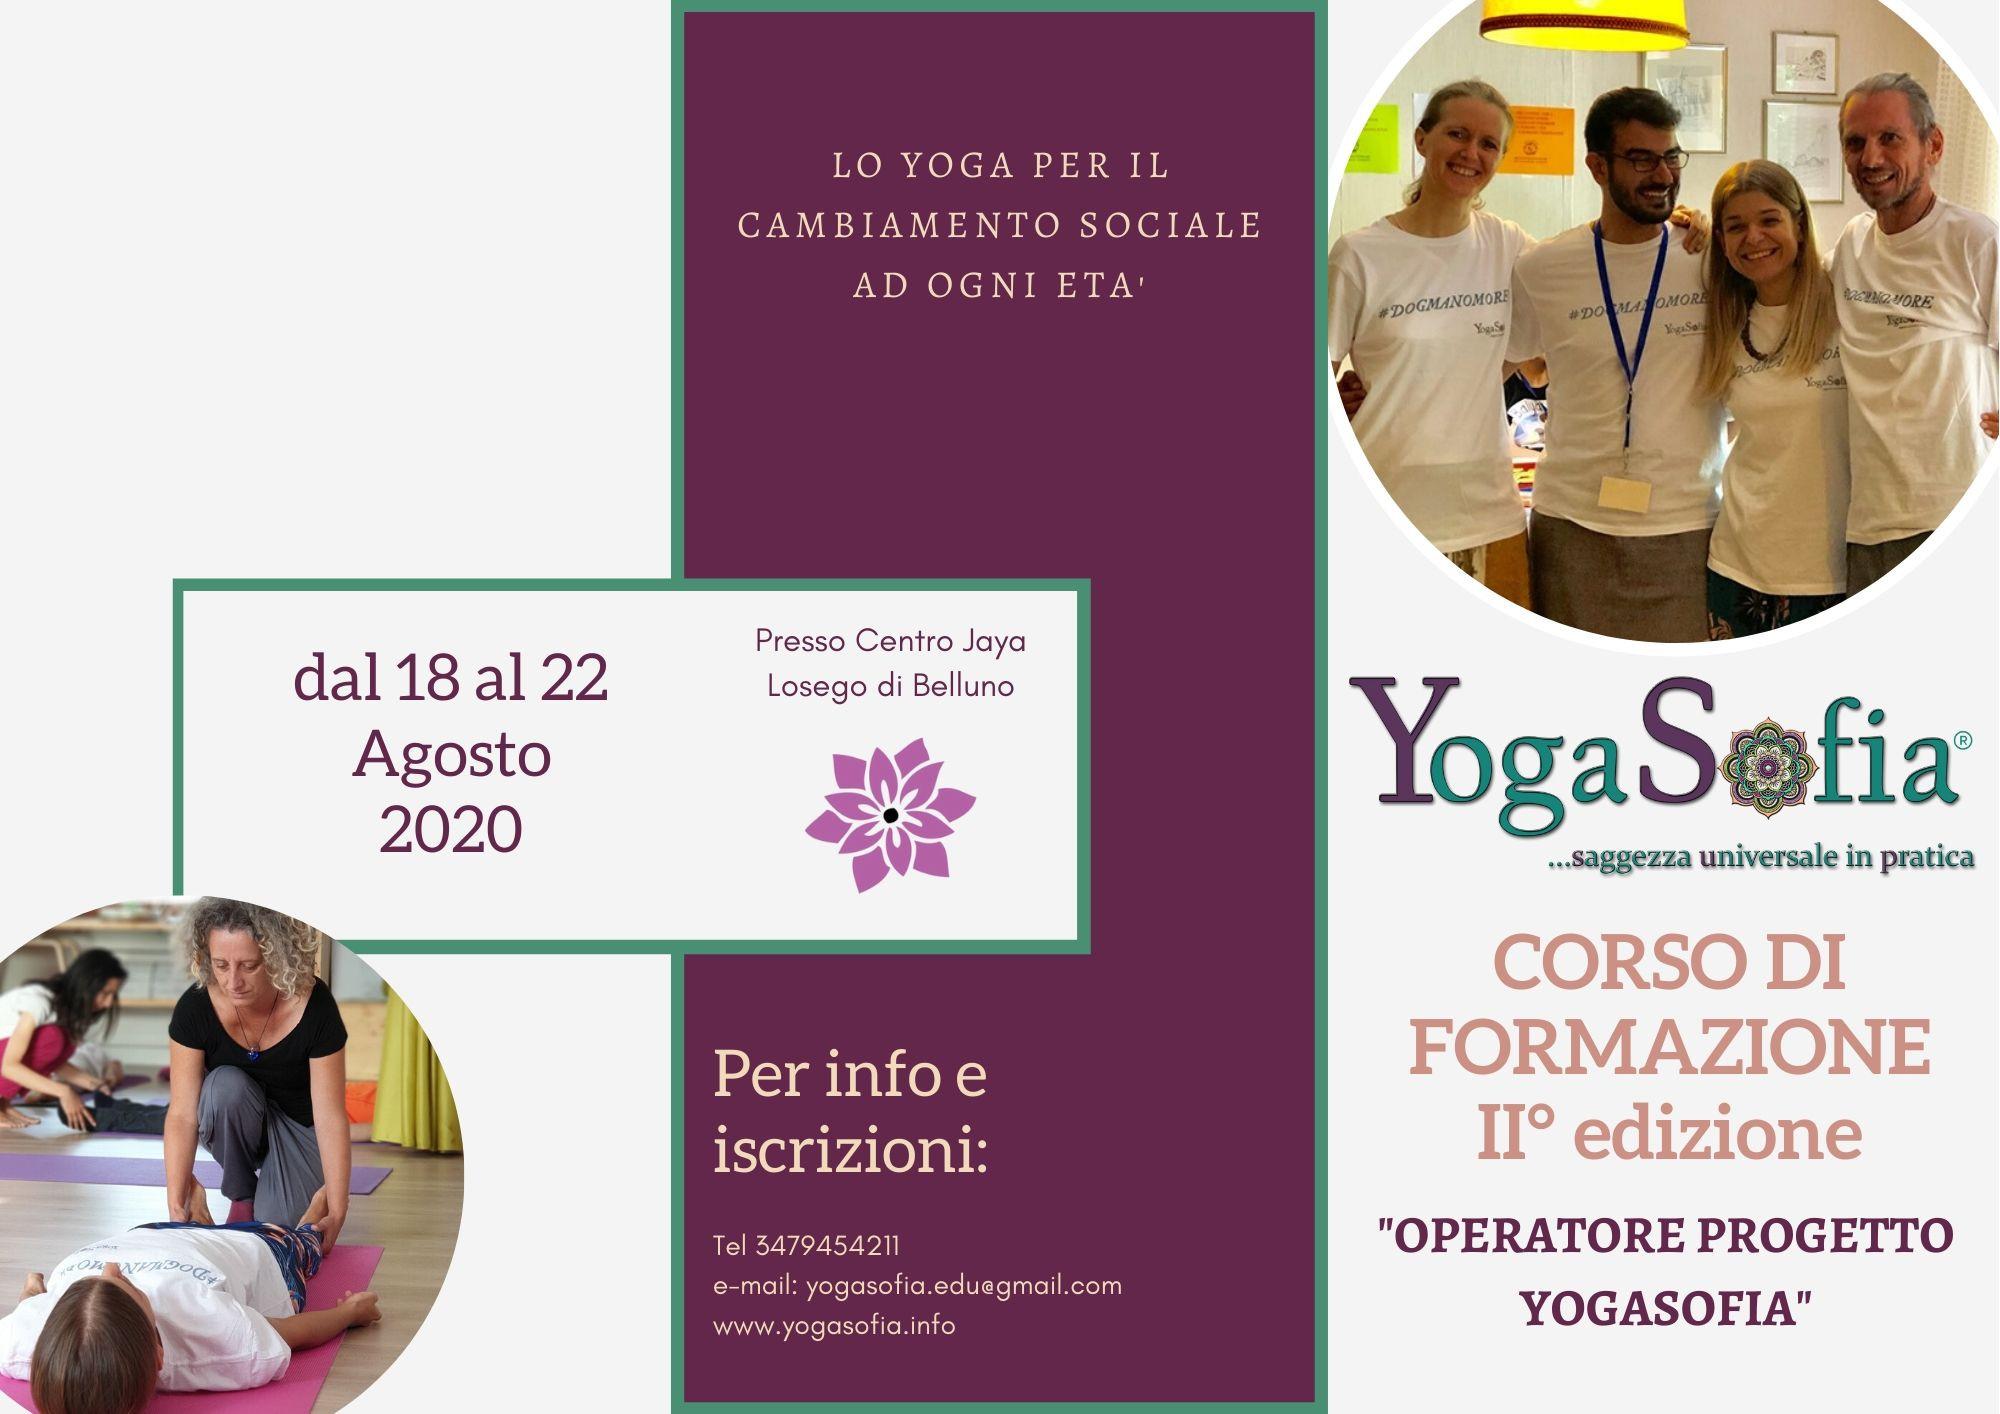 Formazione Operatore Progetto Yogasofia